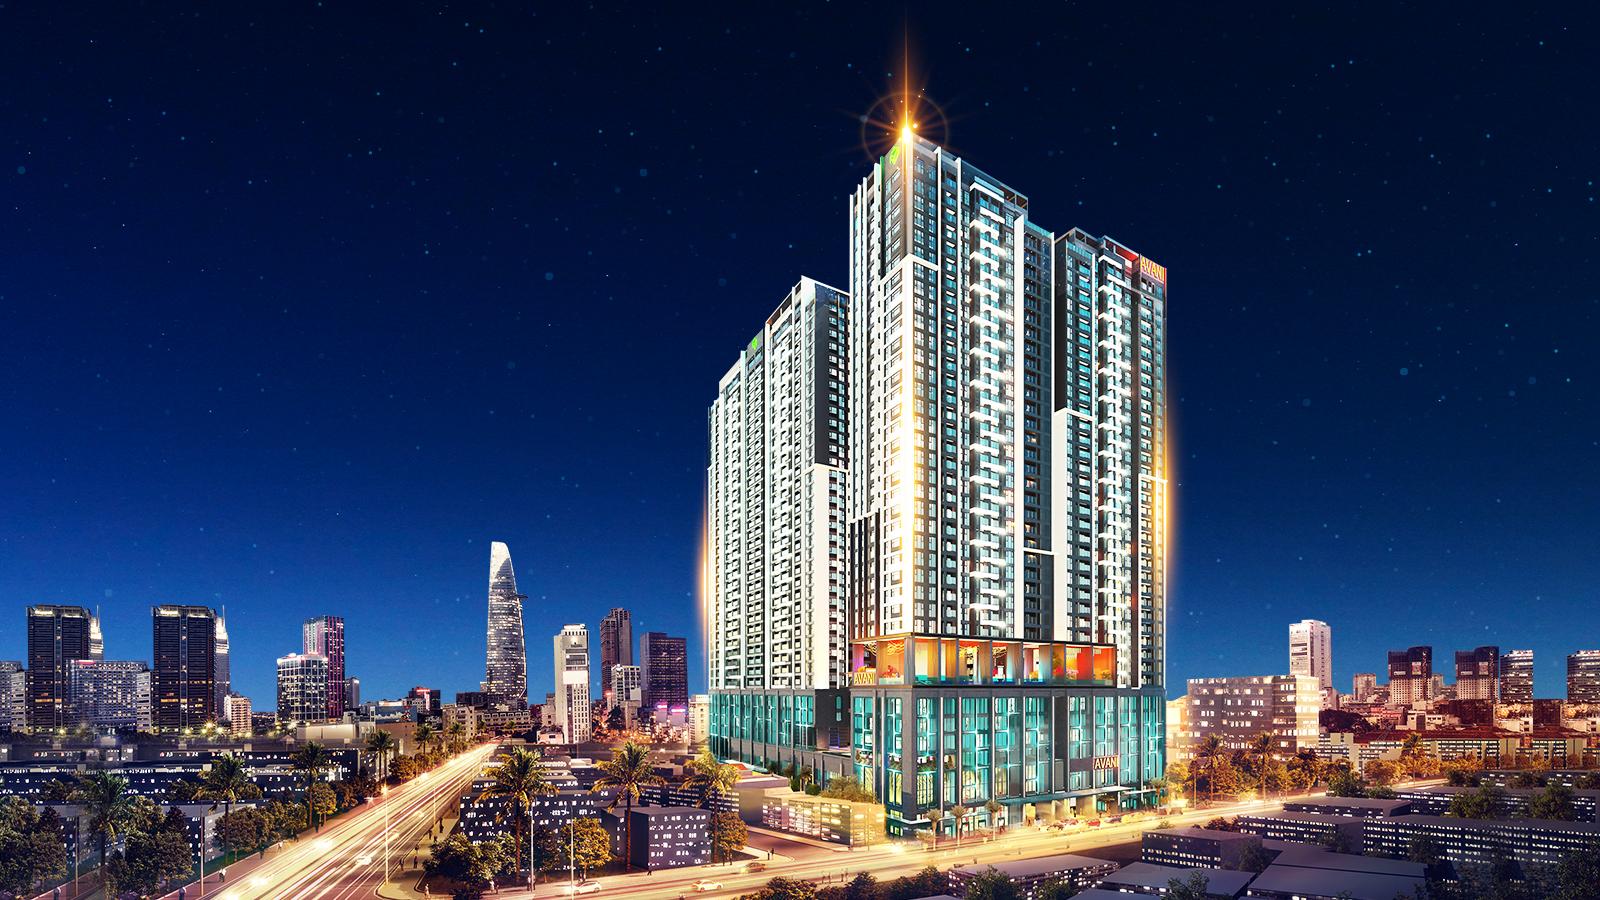 Tổ hợp căn hộ - khách sạn The Grand Manhattan đang được triển khai xây dựng tại trung tâm Quận 1 sẽ góp phần giải cơn khát nguồn cung căn hộ hạng sang.